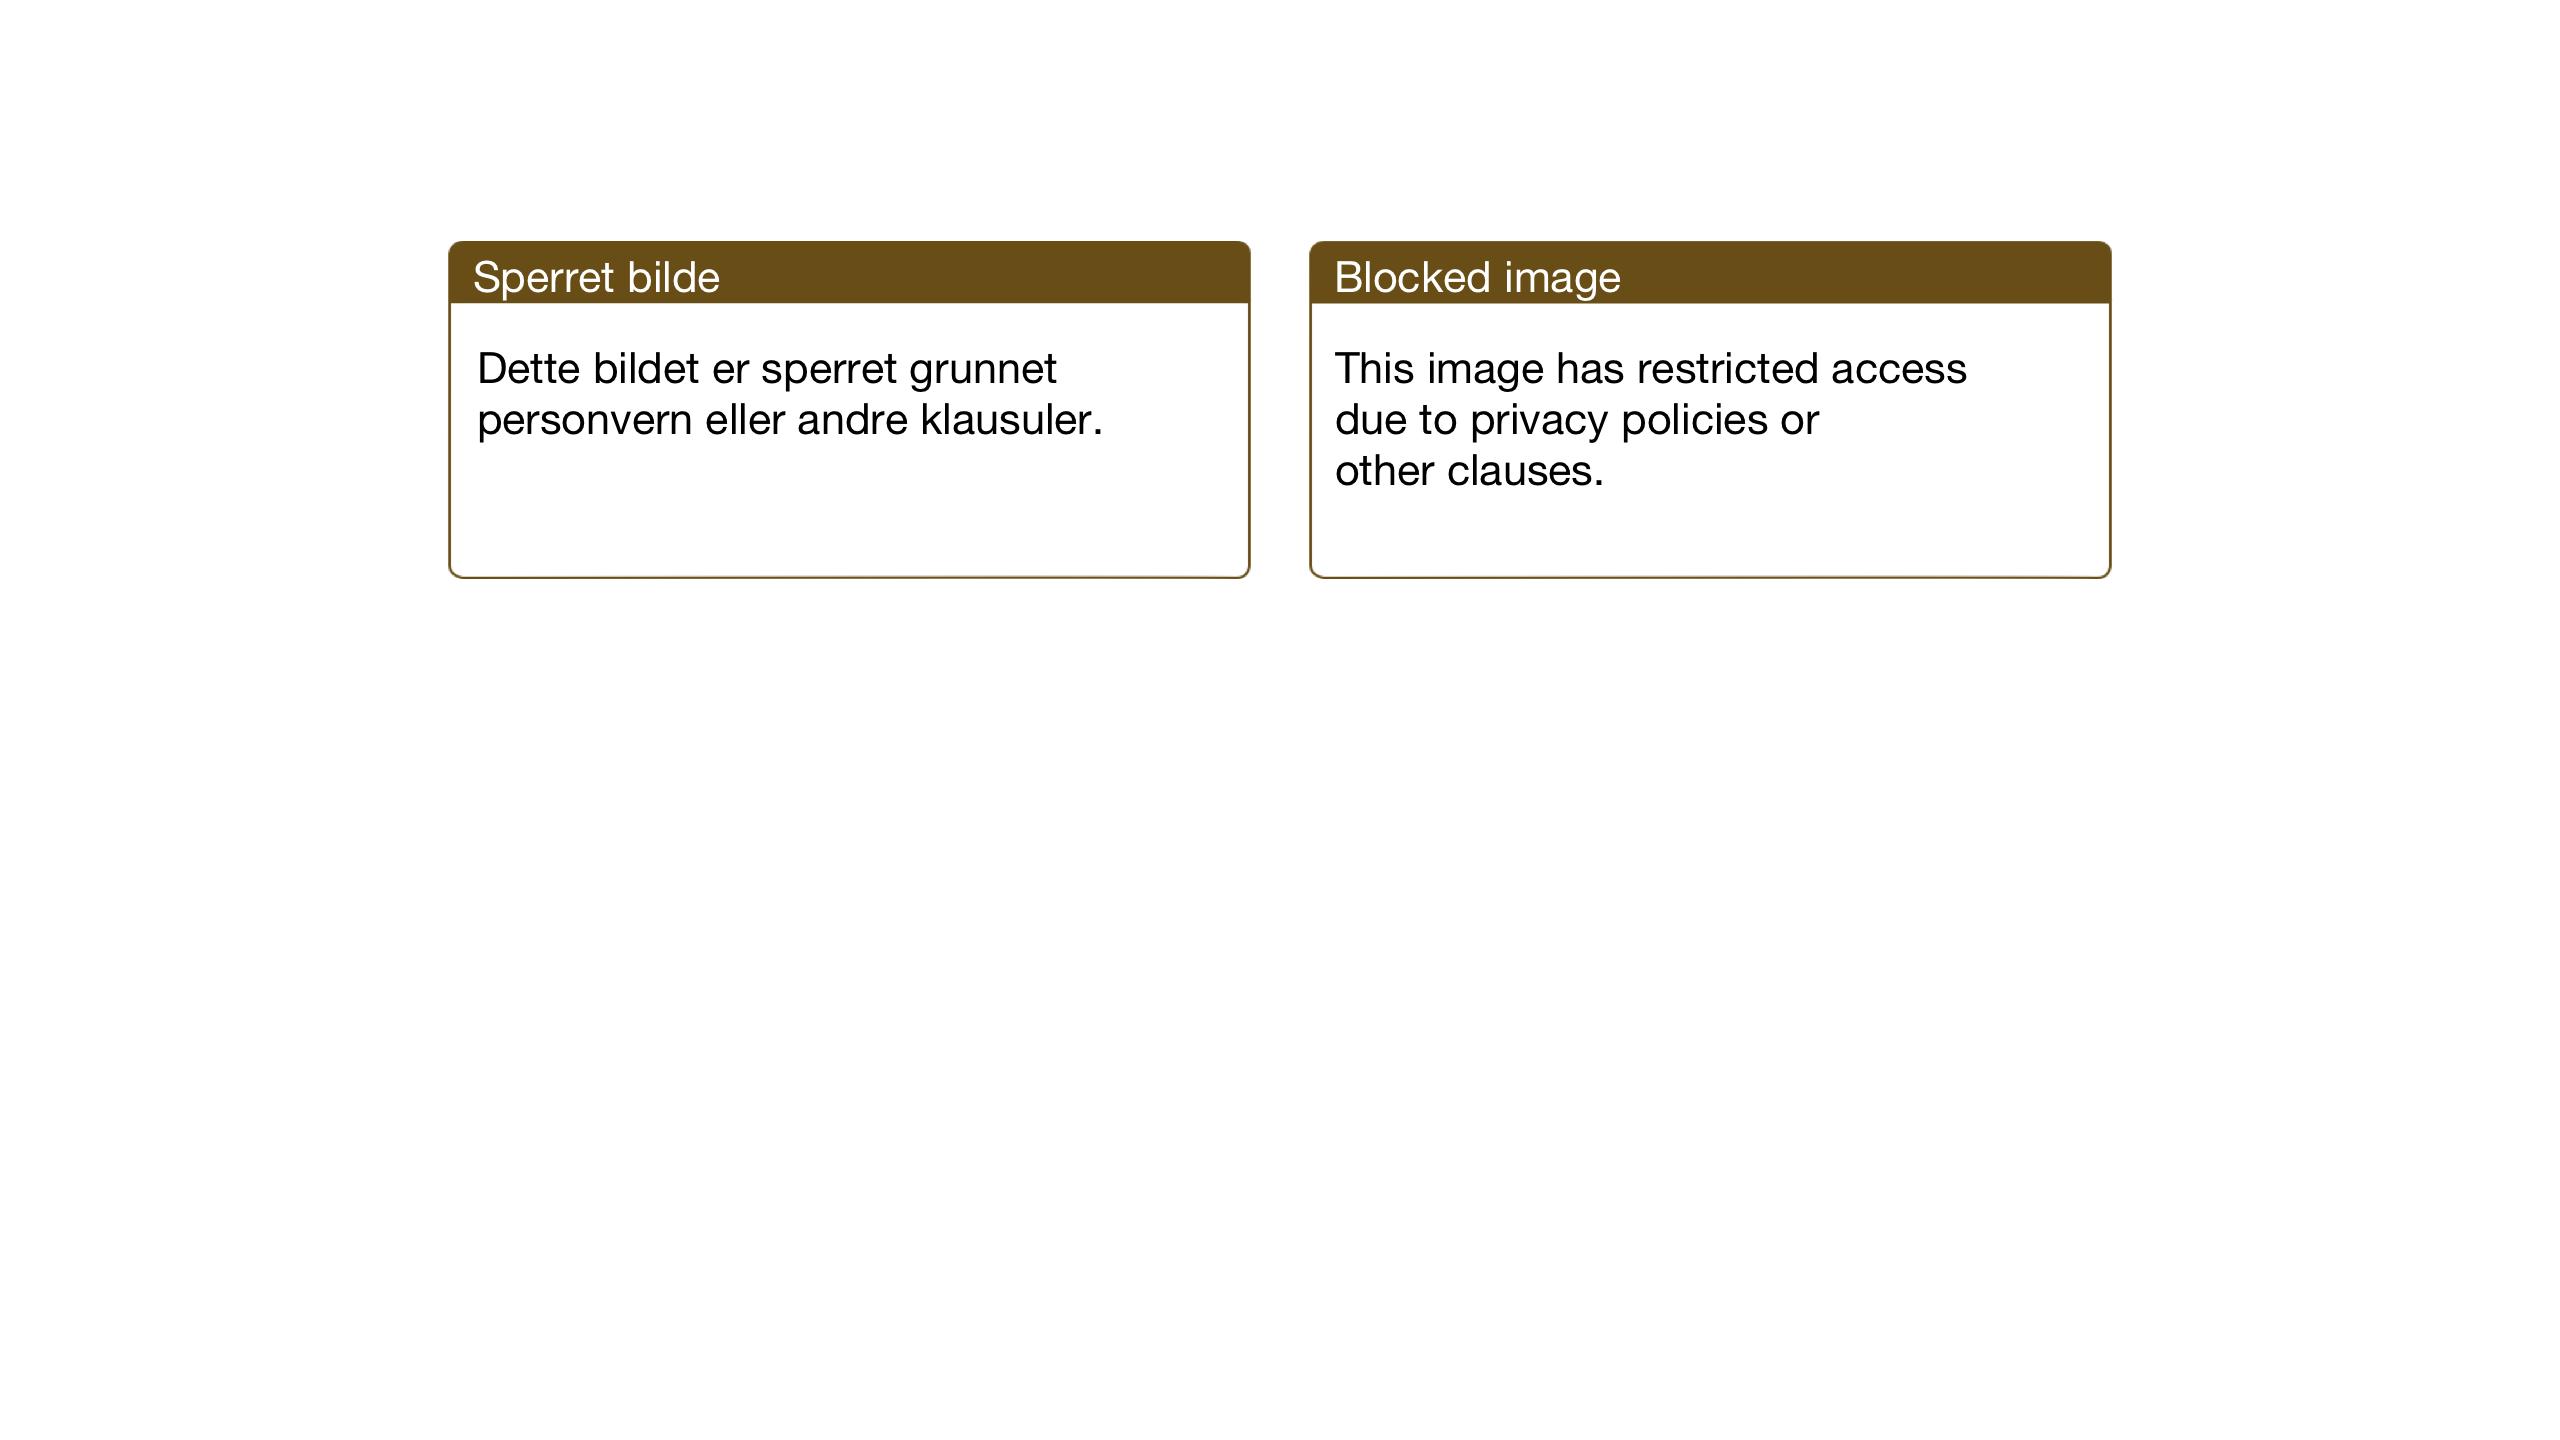 SAT, Ministerialprotokoller, klokkerbøker og fødselsregistre - Nord-Trøndelag, 722/L0227: Klokkerbok nr. 722C03, 1928-1958, s. 63